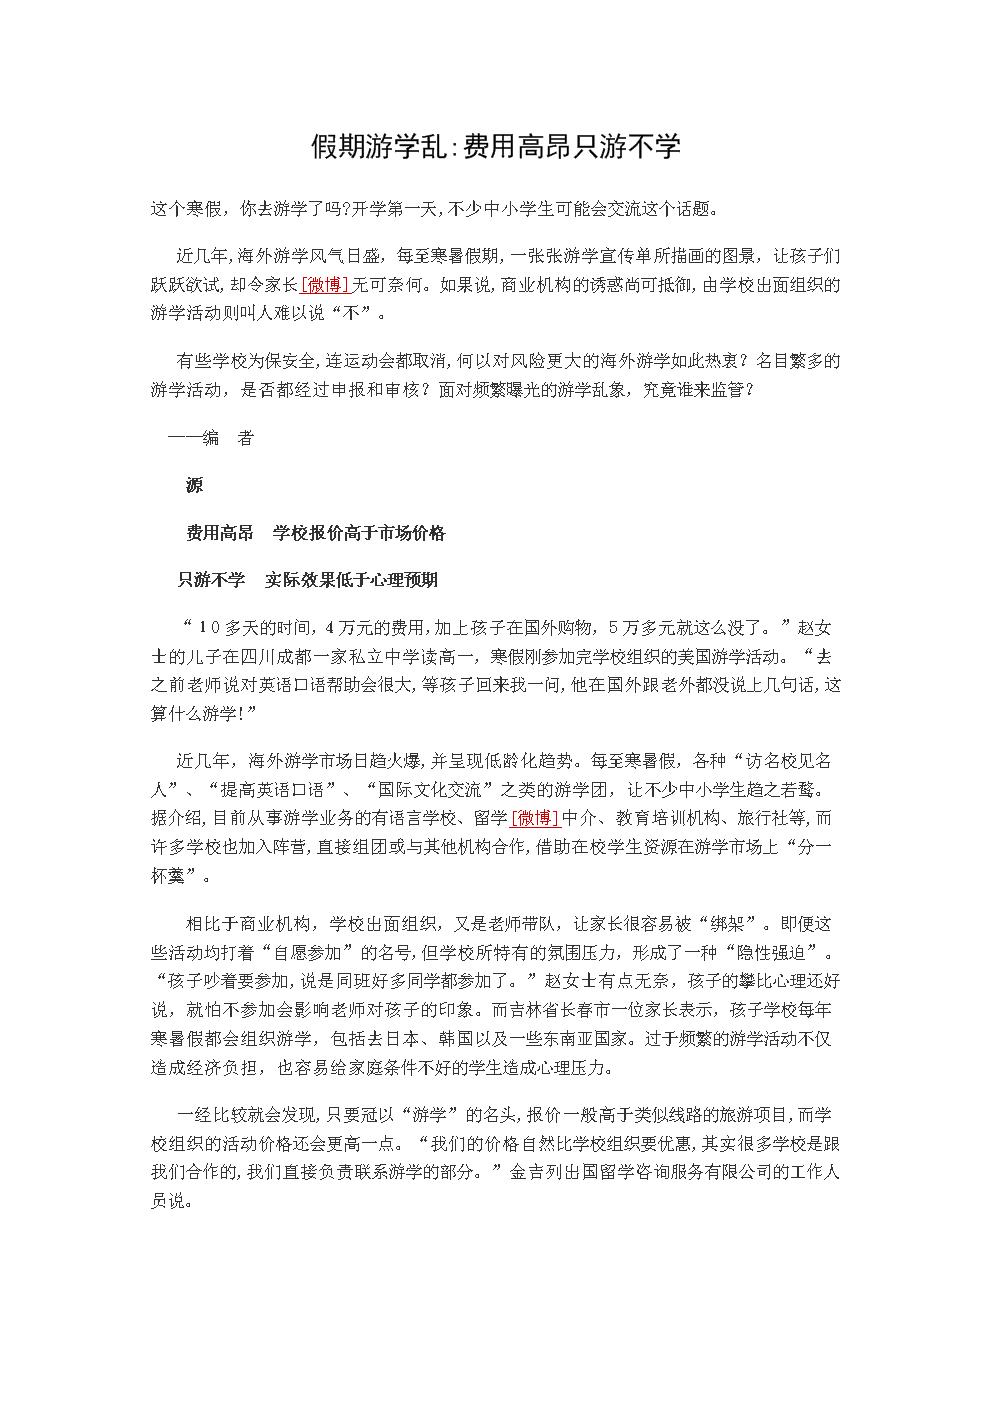 假期游學亂:費用高昂只游不學.doc